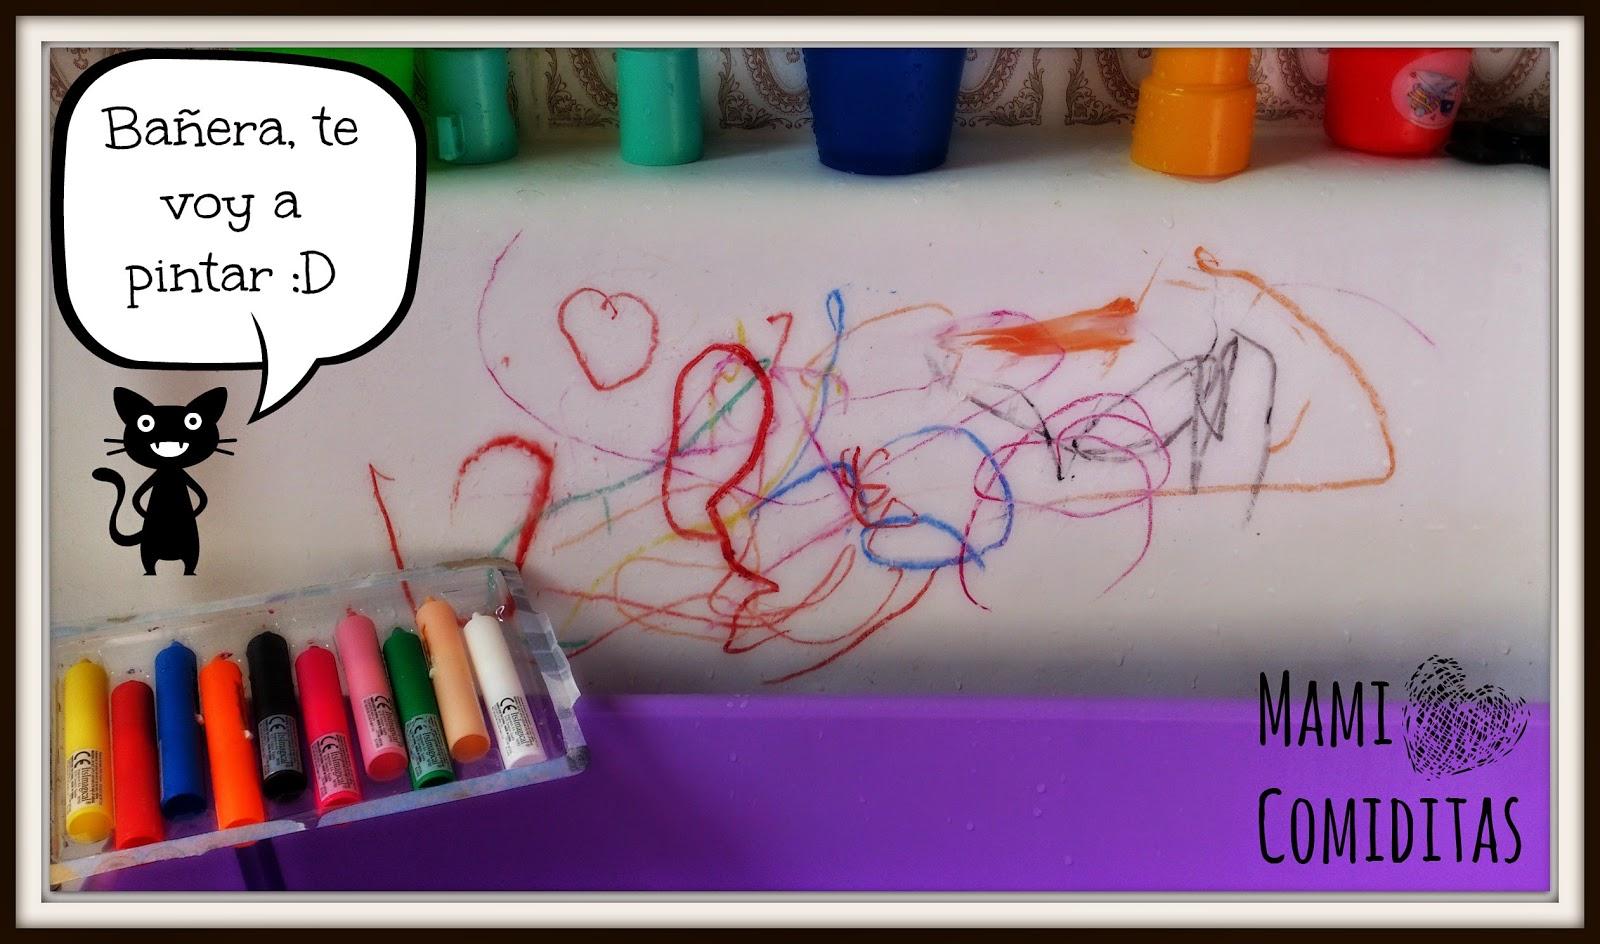 Mami comiditas consejo a pintar en la ba era - Pintar una banera ...